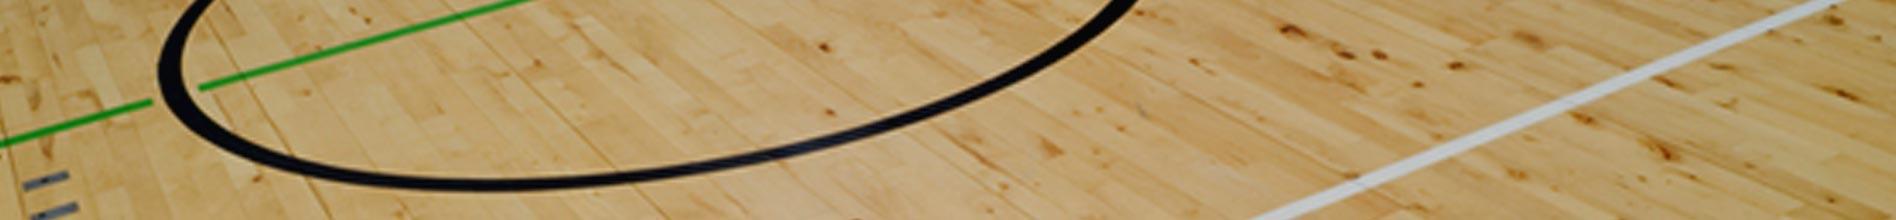 凯洁篮球馆木地板厂家